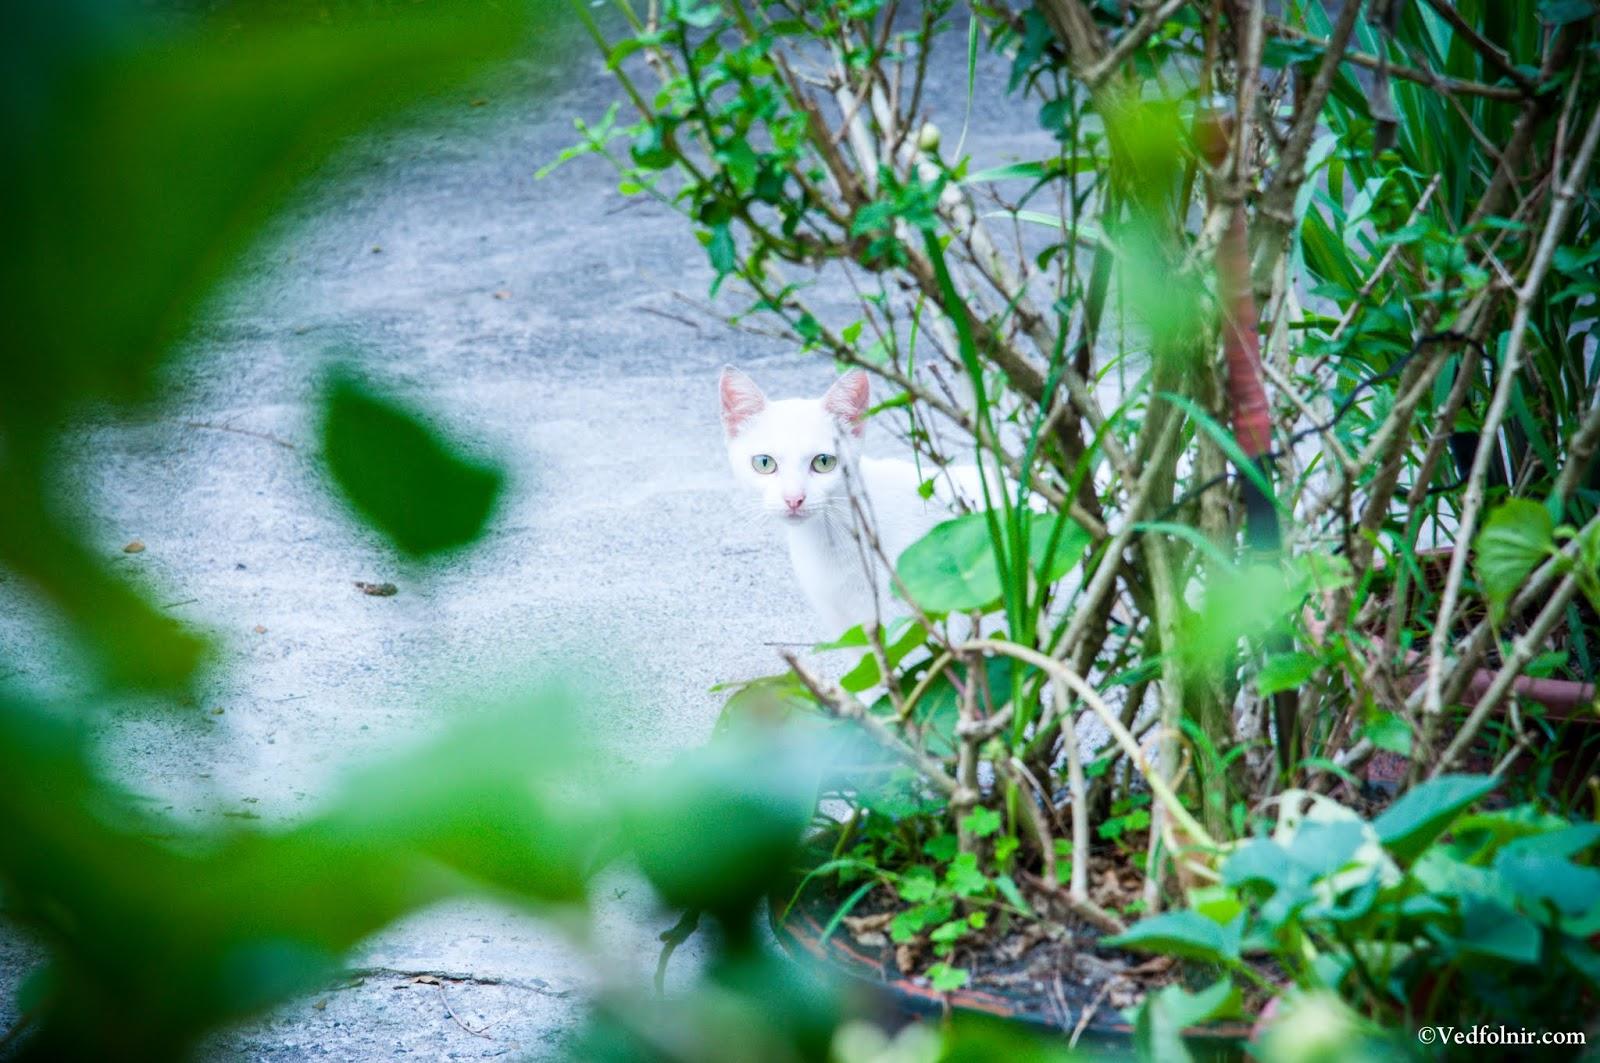 在水里火車站出現的可愛又多疑白貓。